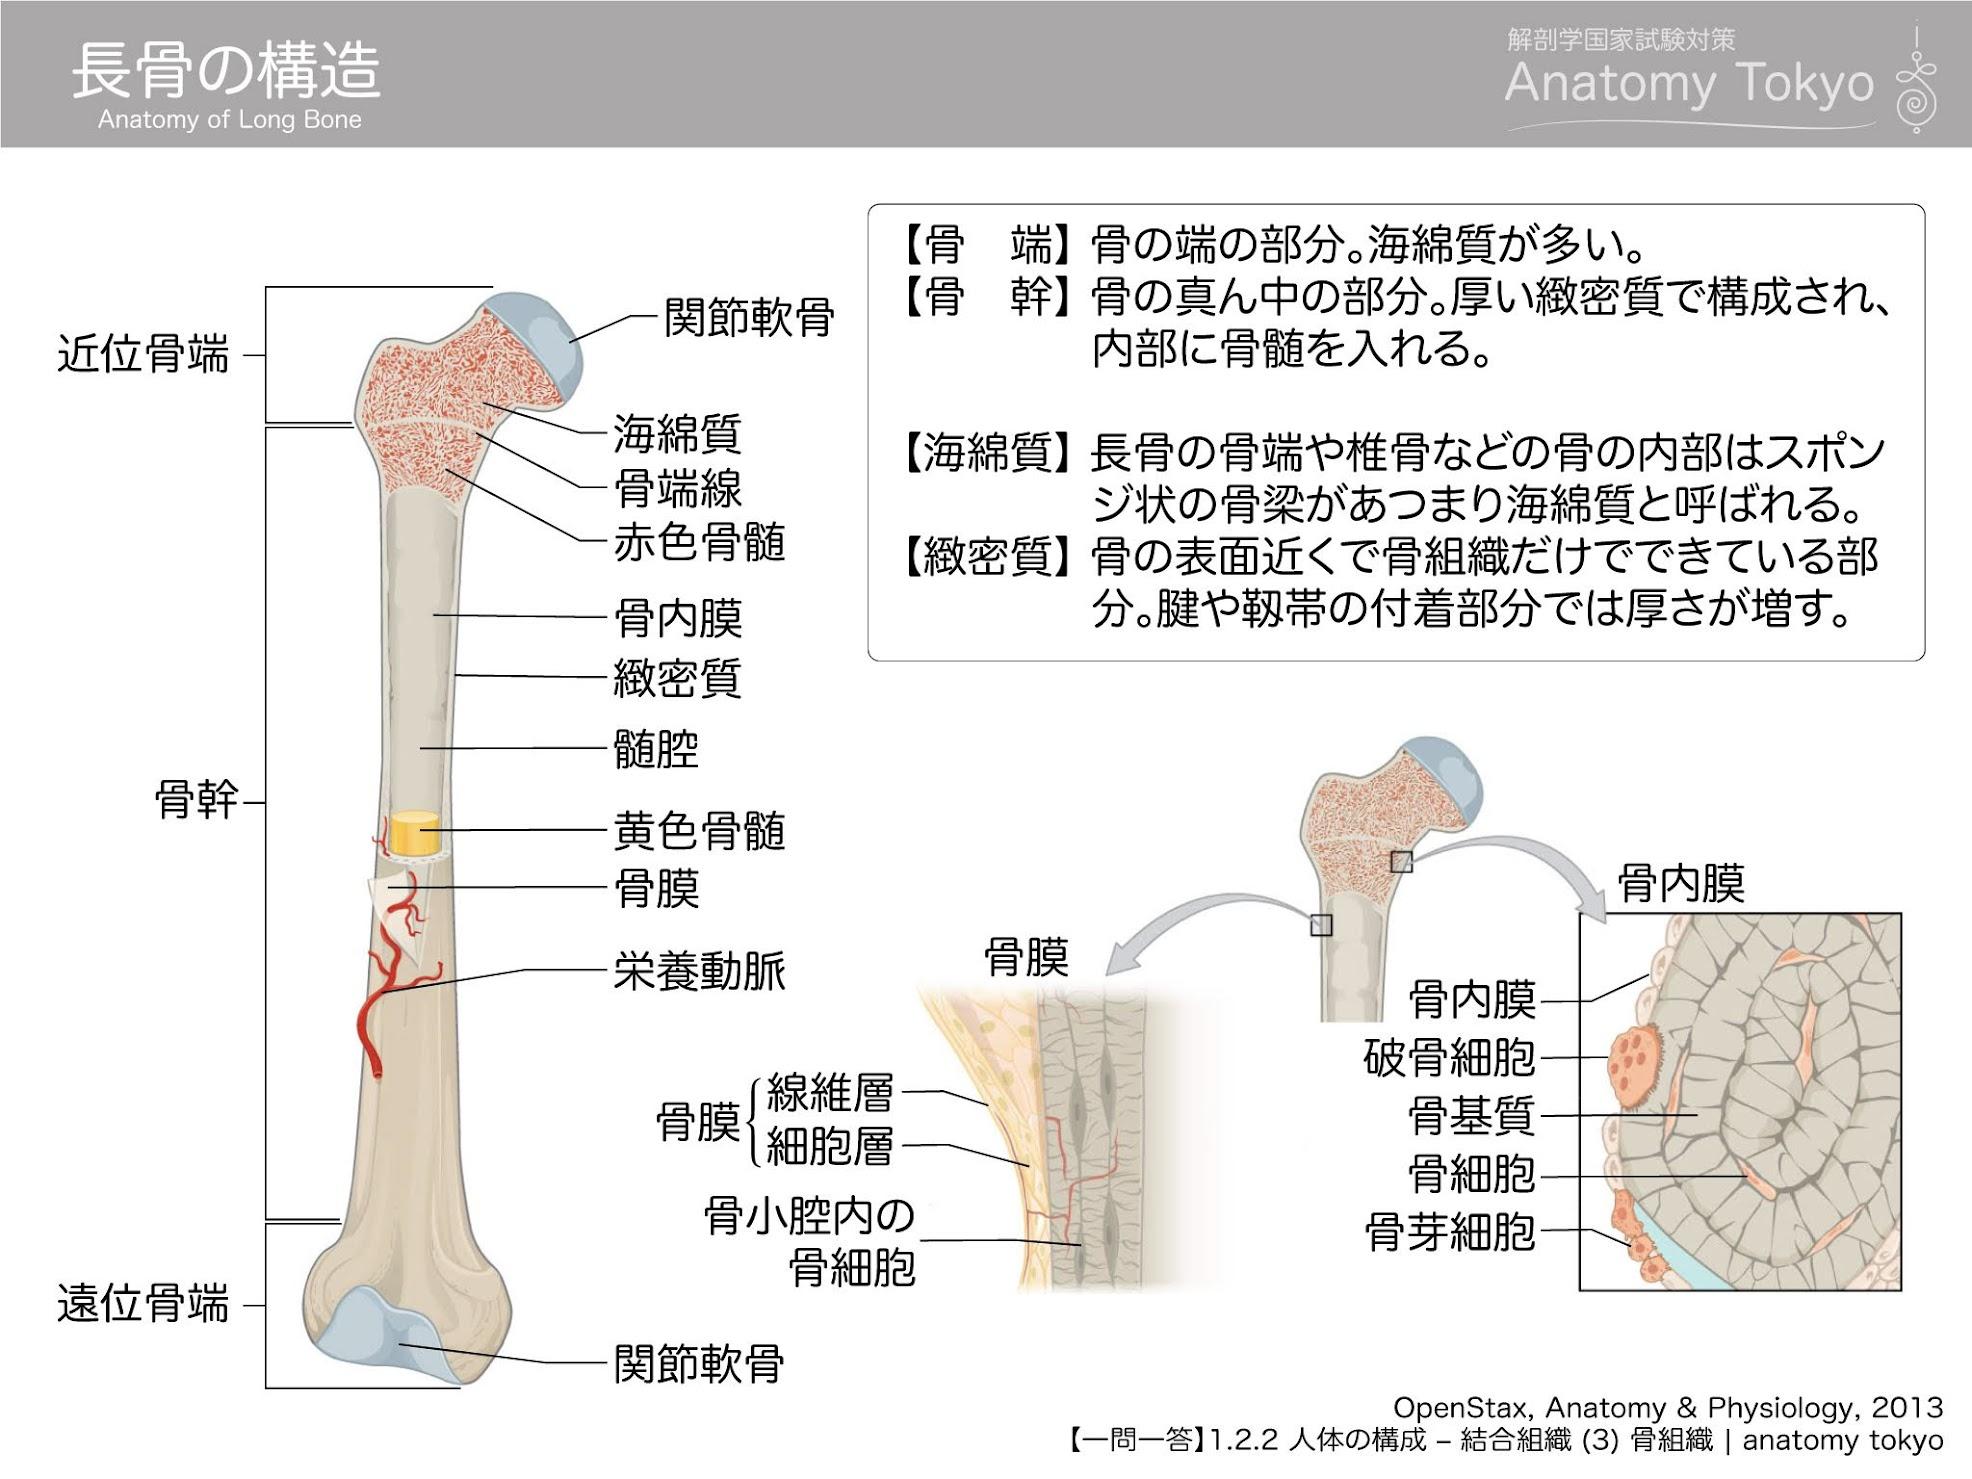 長骨の構造